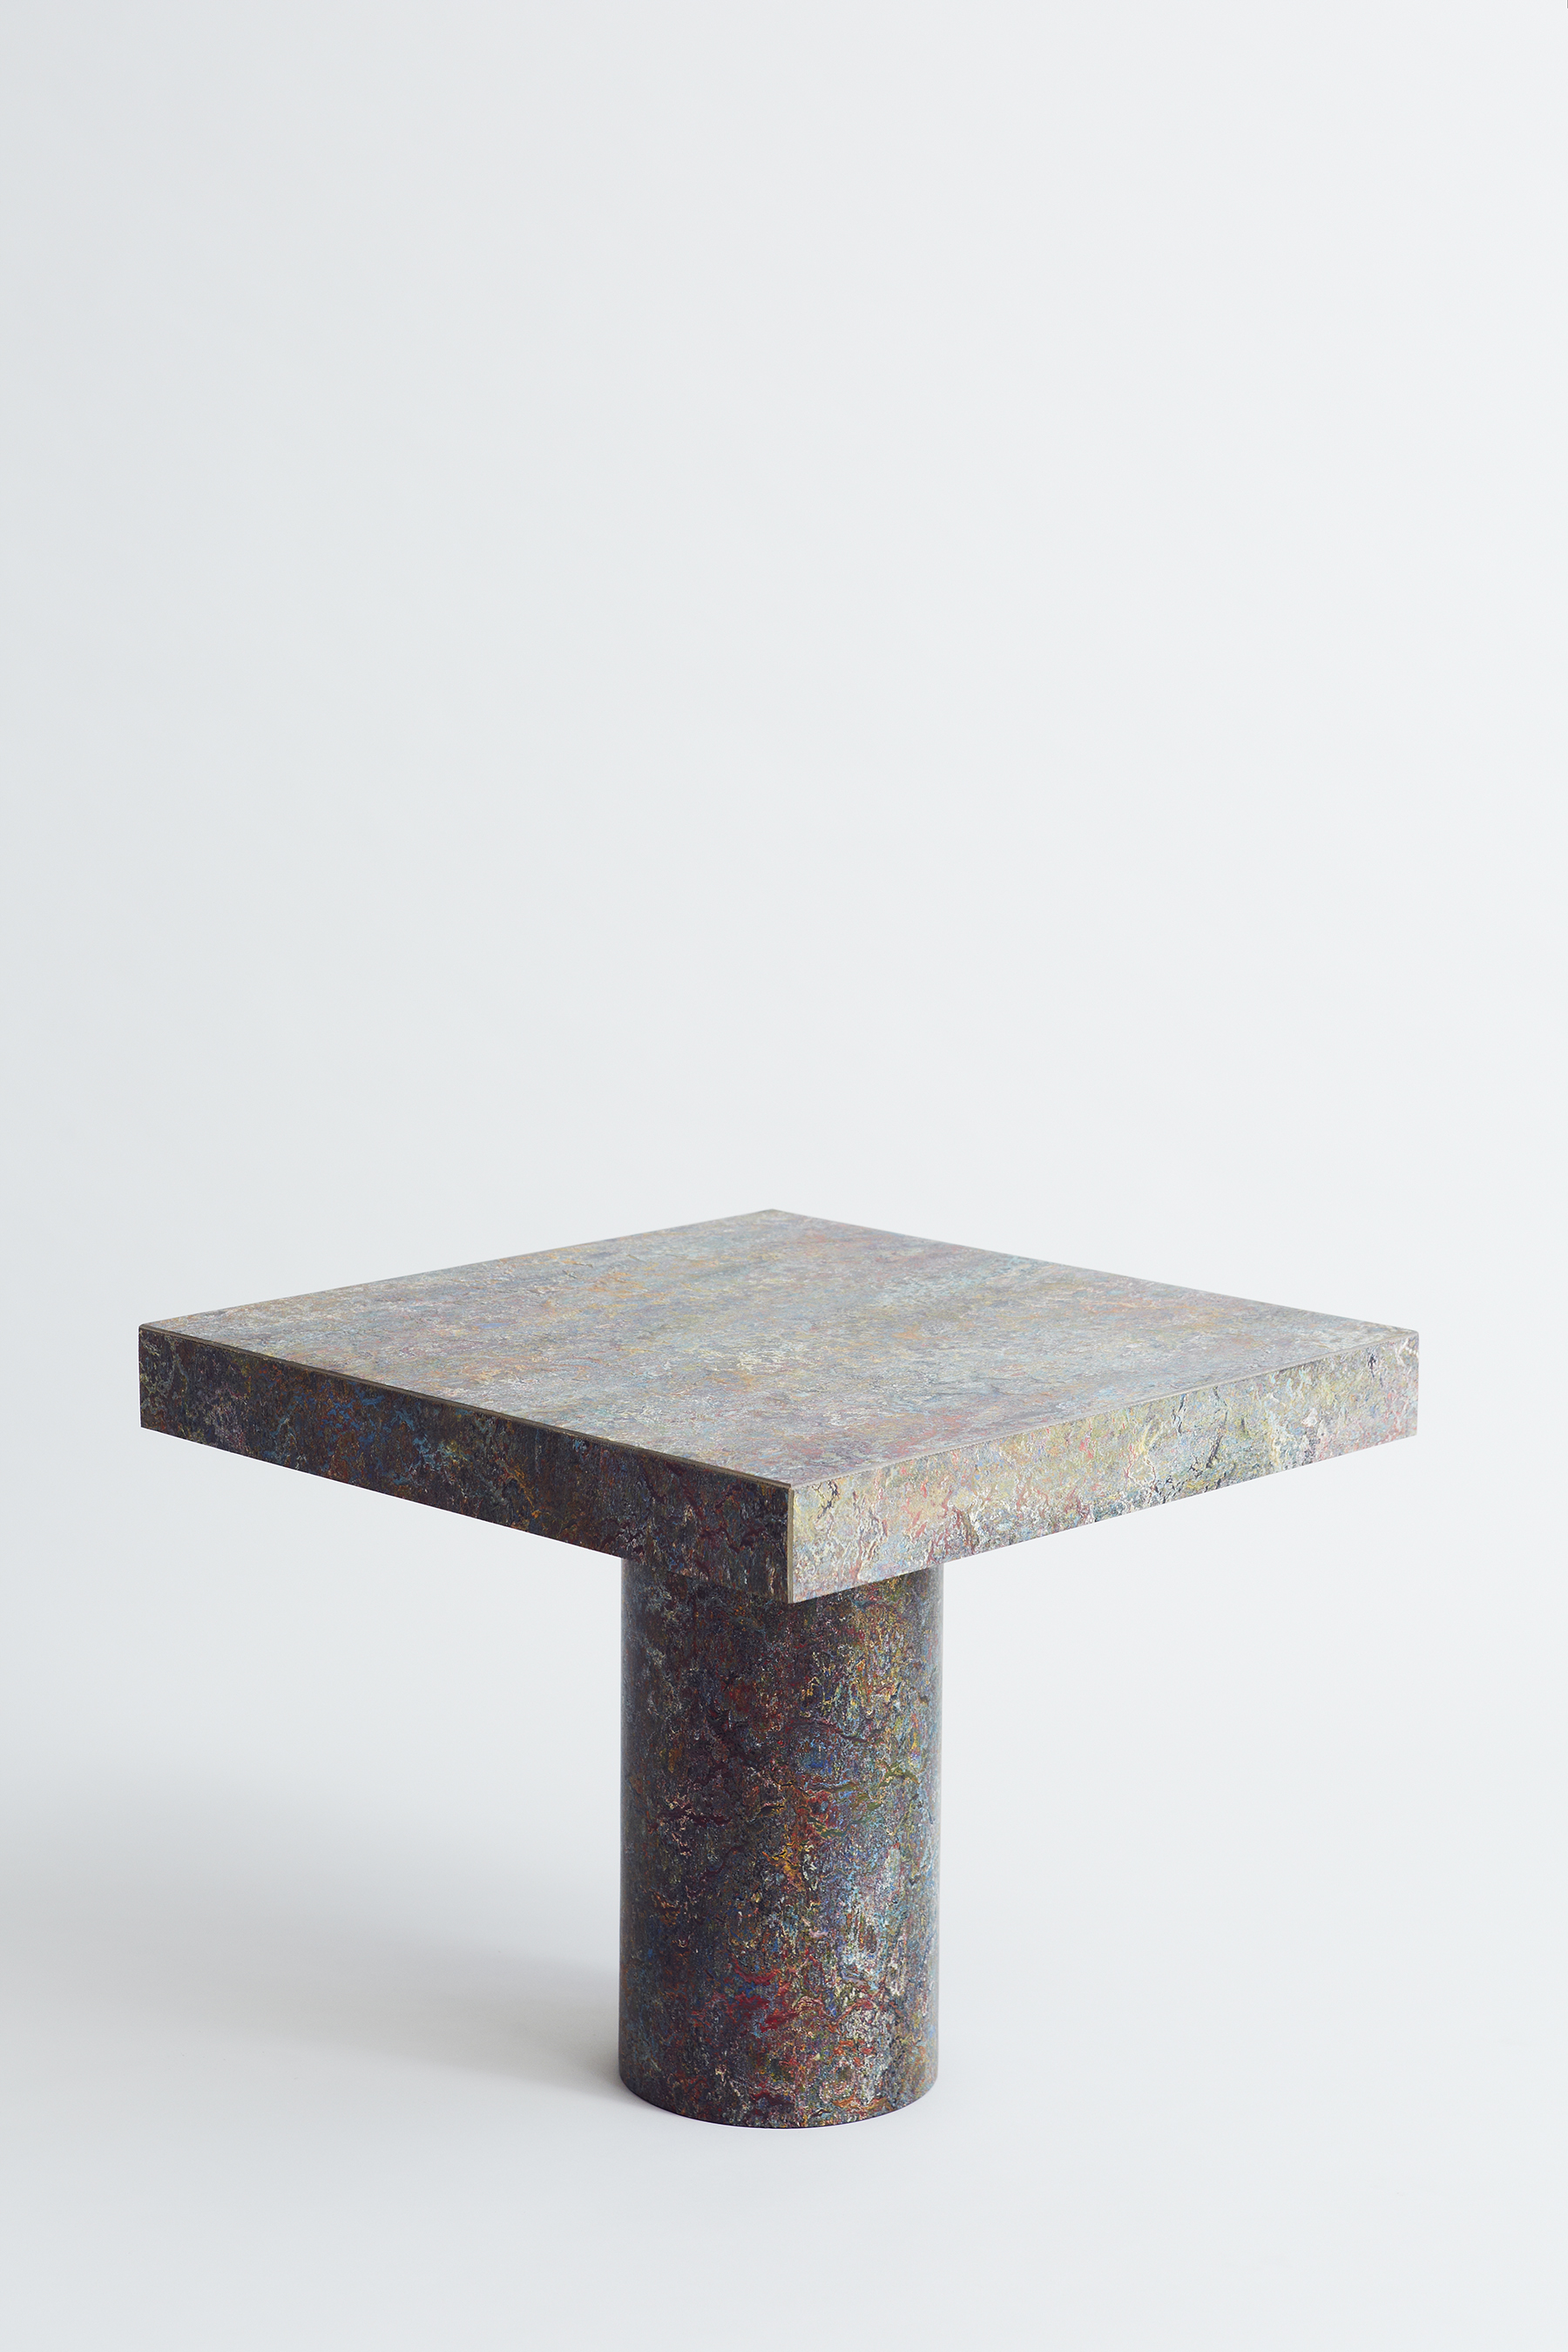 Lino_Table_010.jpg